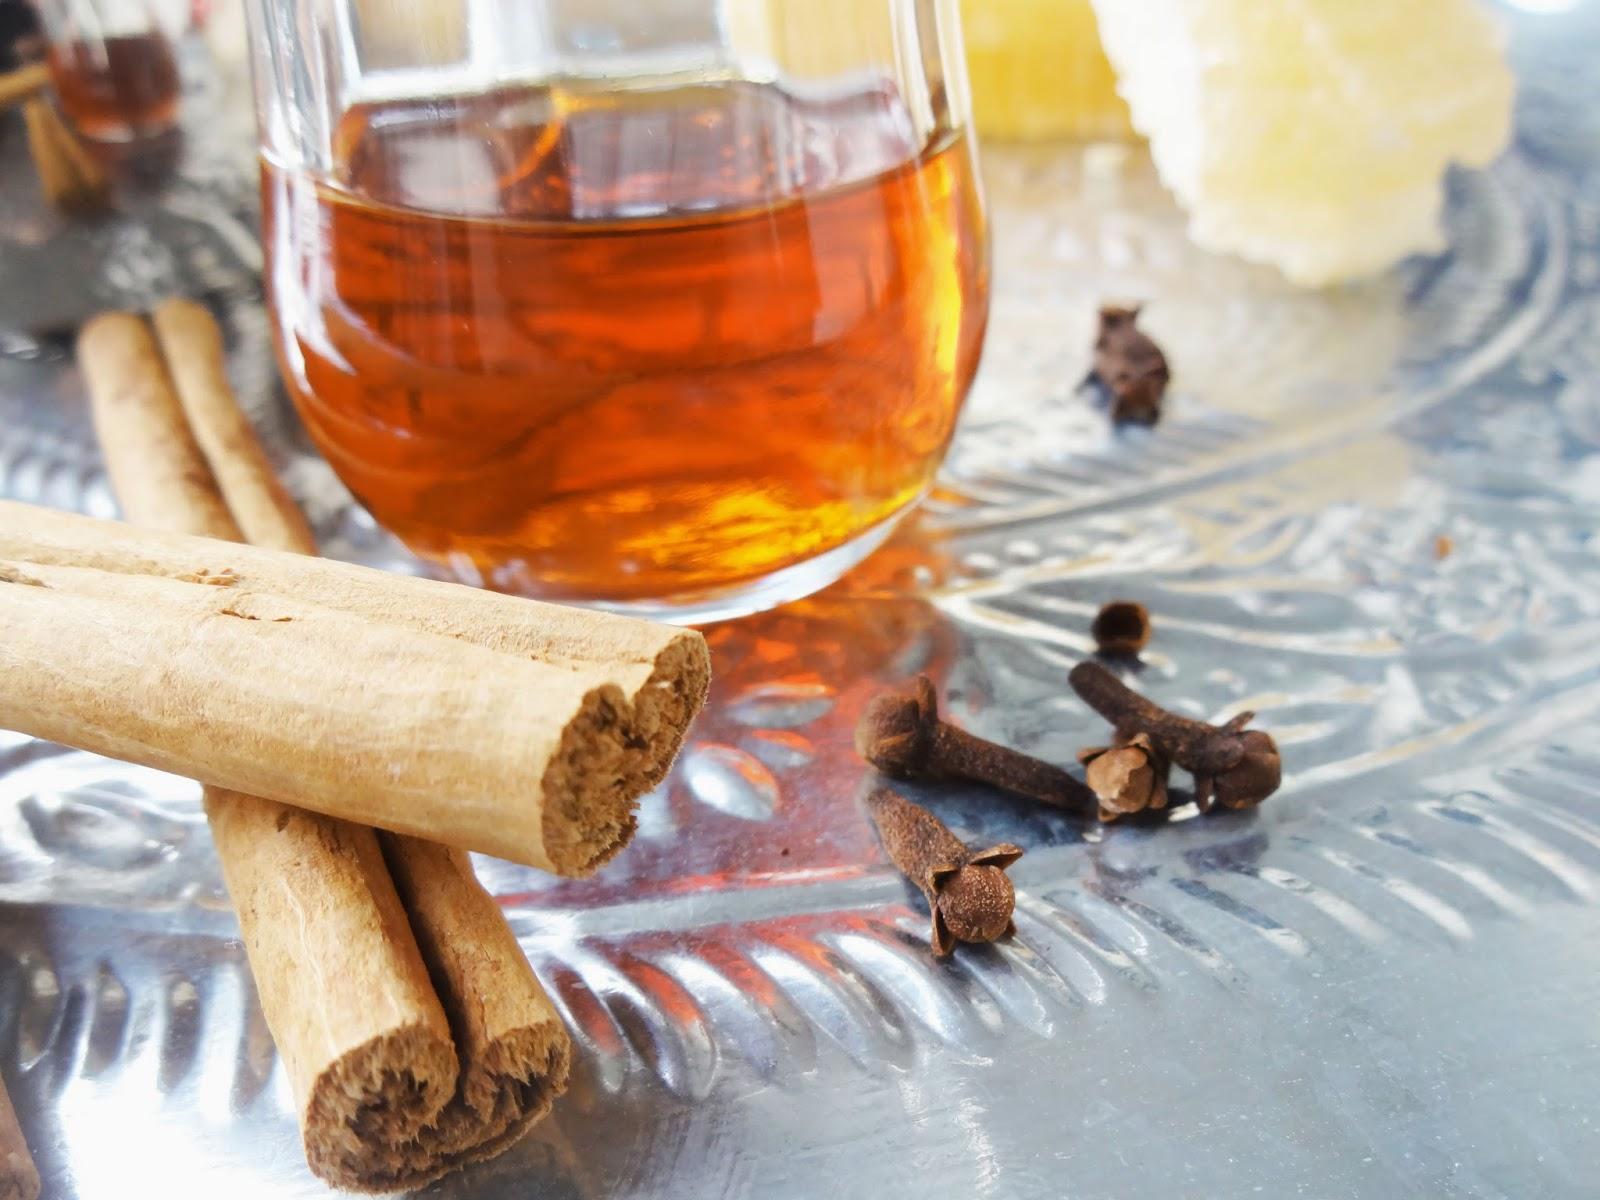 علاج الزكام بالليمون مع العسل والقرفة